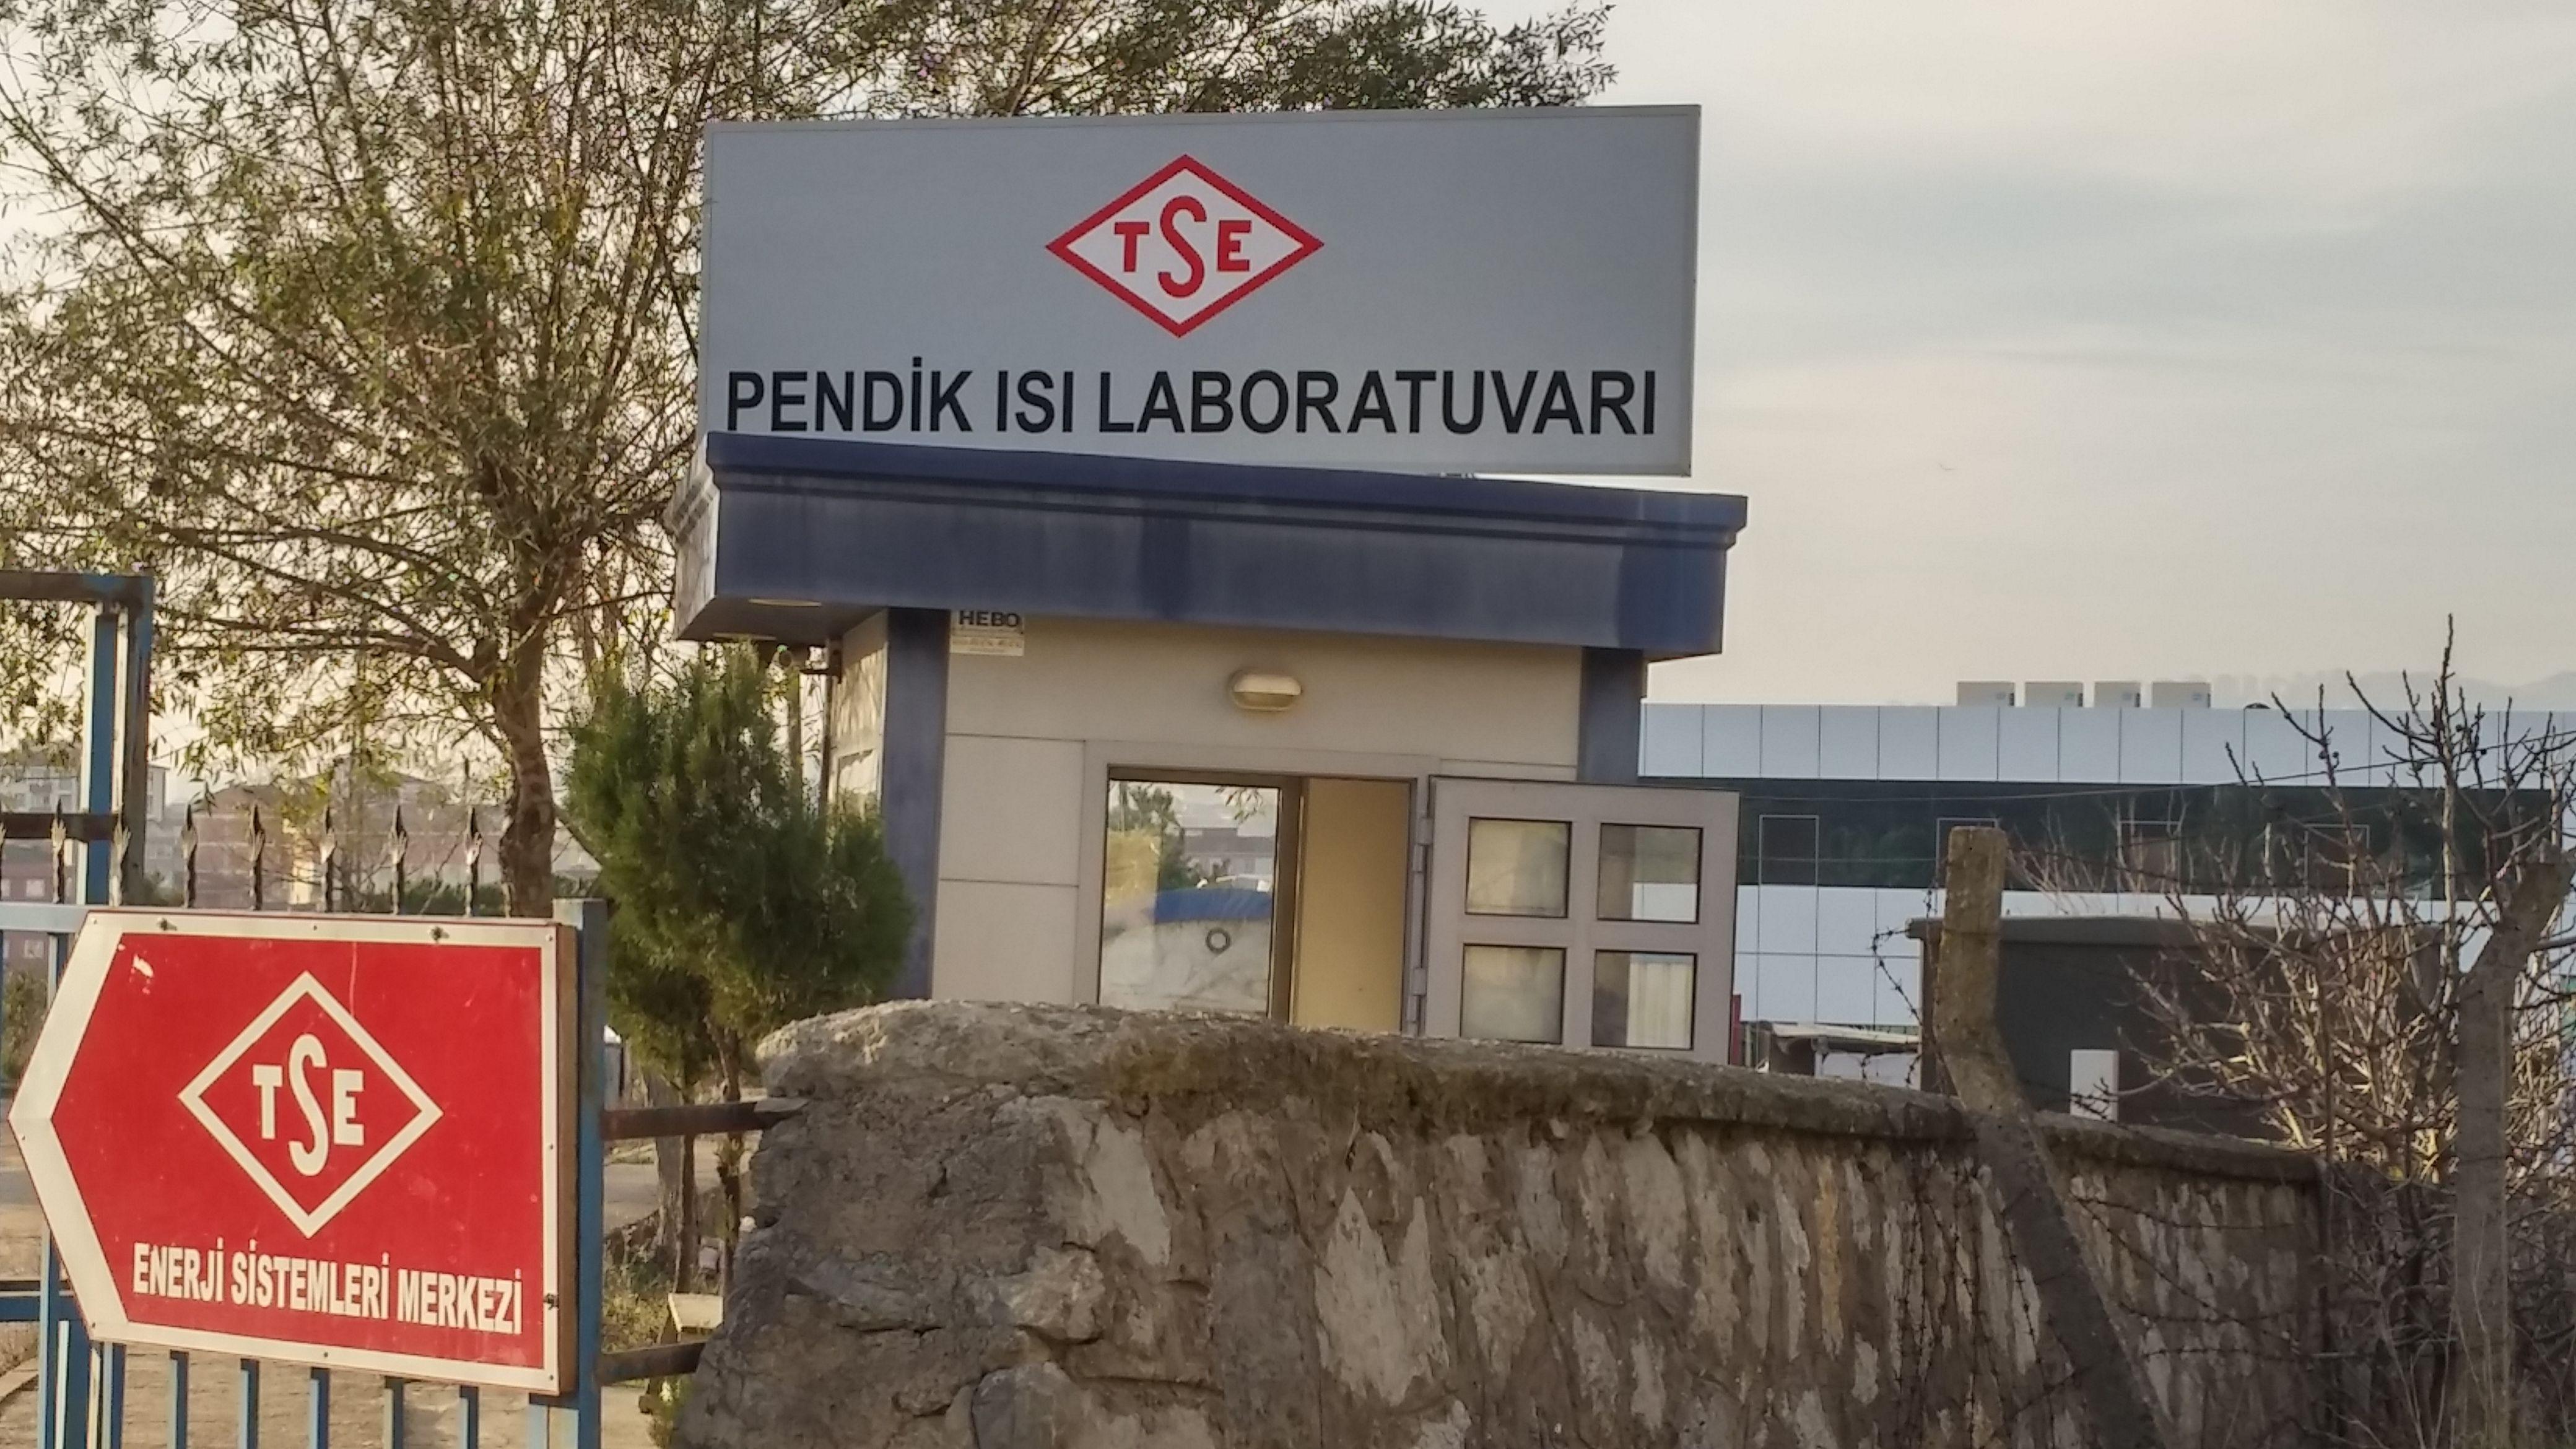 TSE Pendik Isı Laboratuvarı